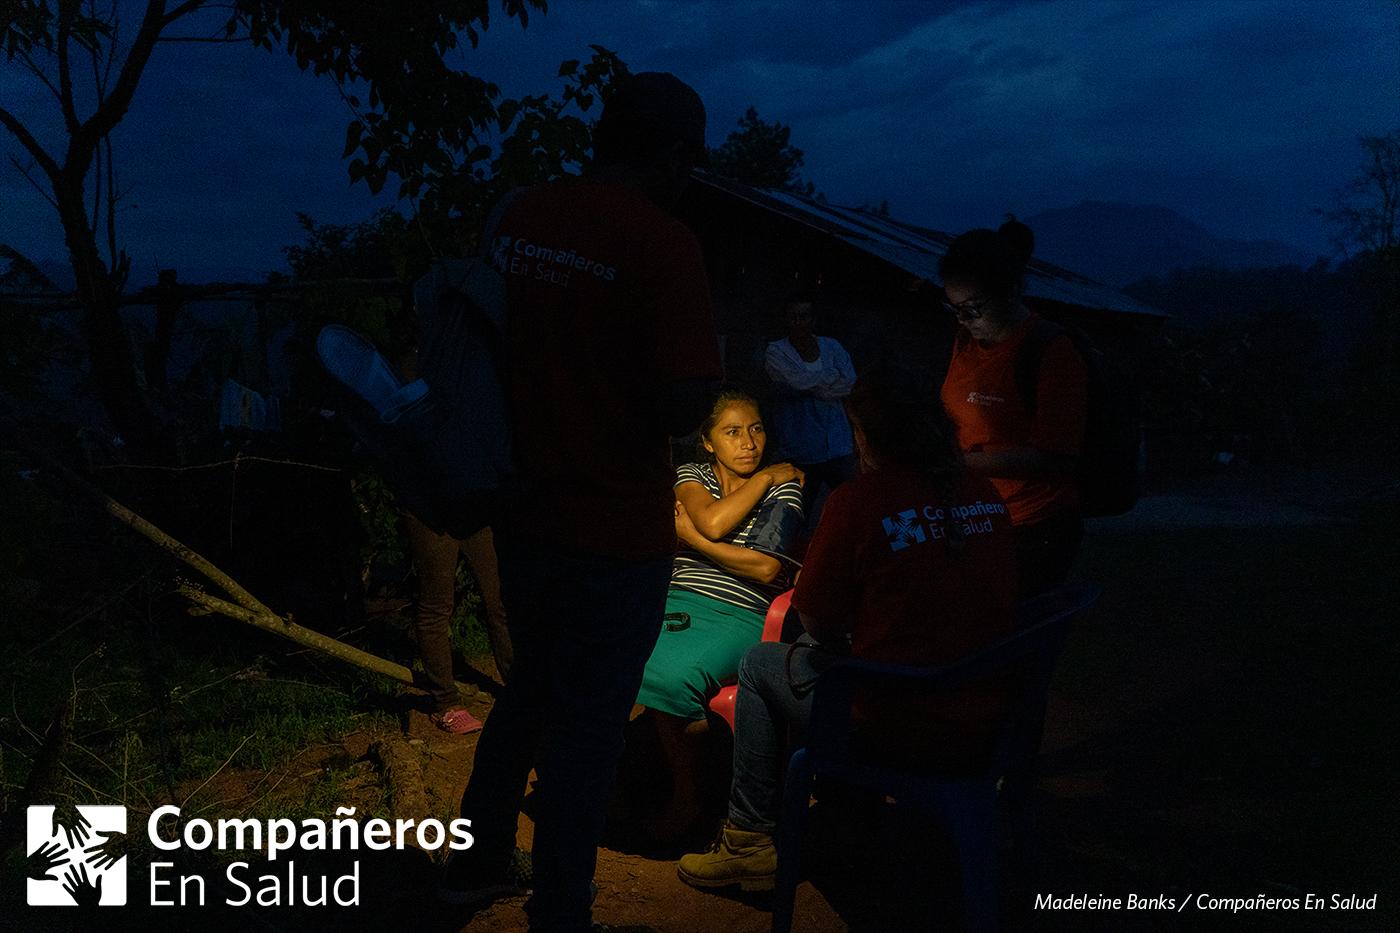 Se quedan hasta que le hayan realizado encuestas para cada miembro de la familia.  Foto: Karen Yunuen y Gala Limón Saldivar, estudiantes de medicina, toma la presión a doña Rosalinda fuera de su casa durante las encuestas de salud.